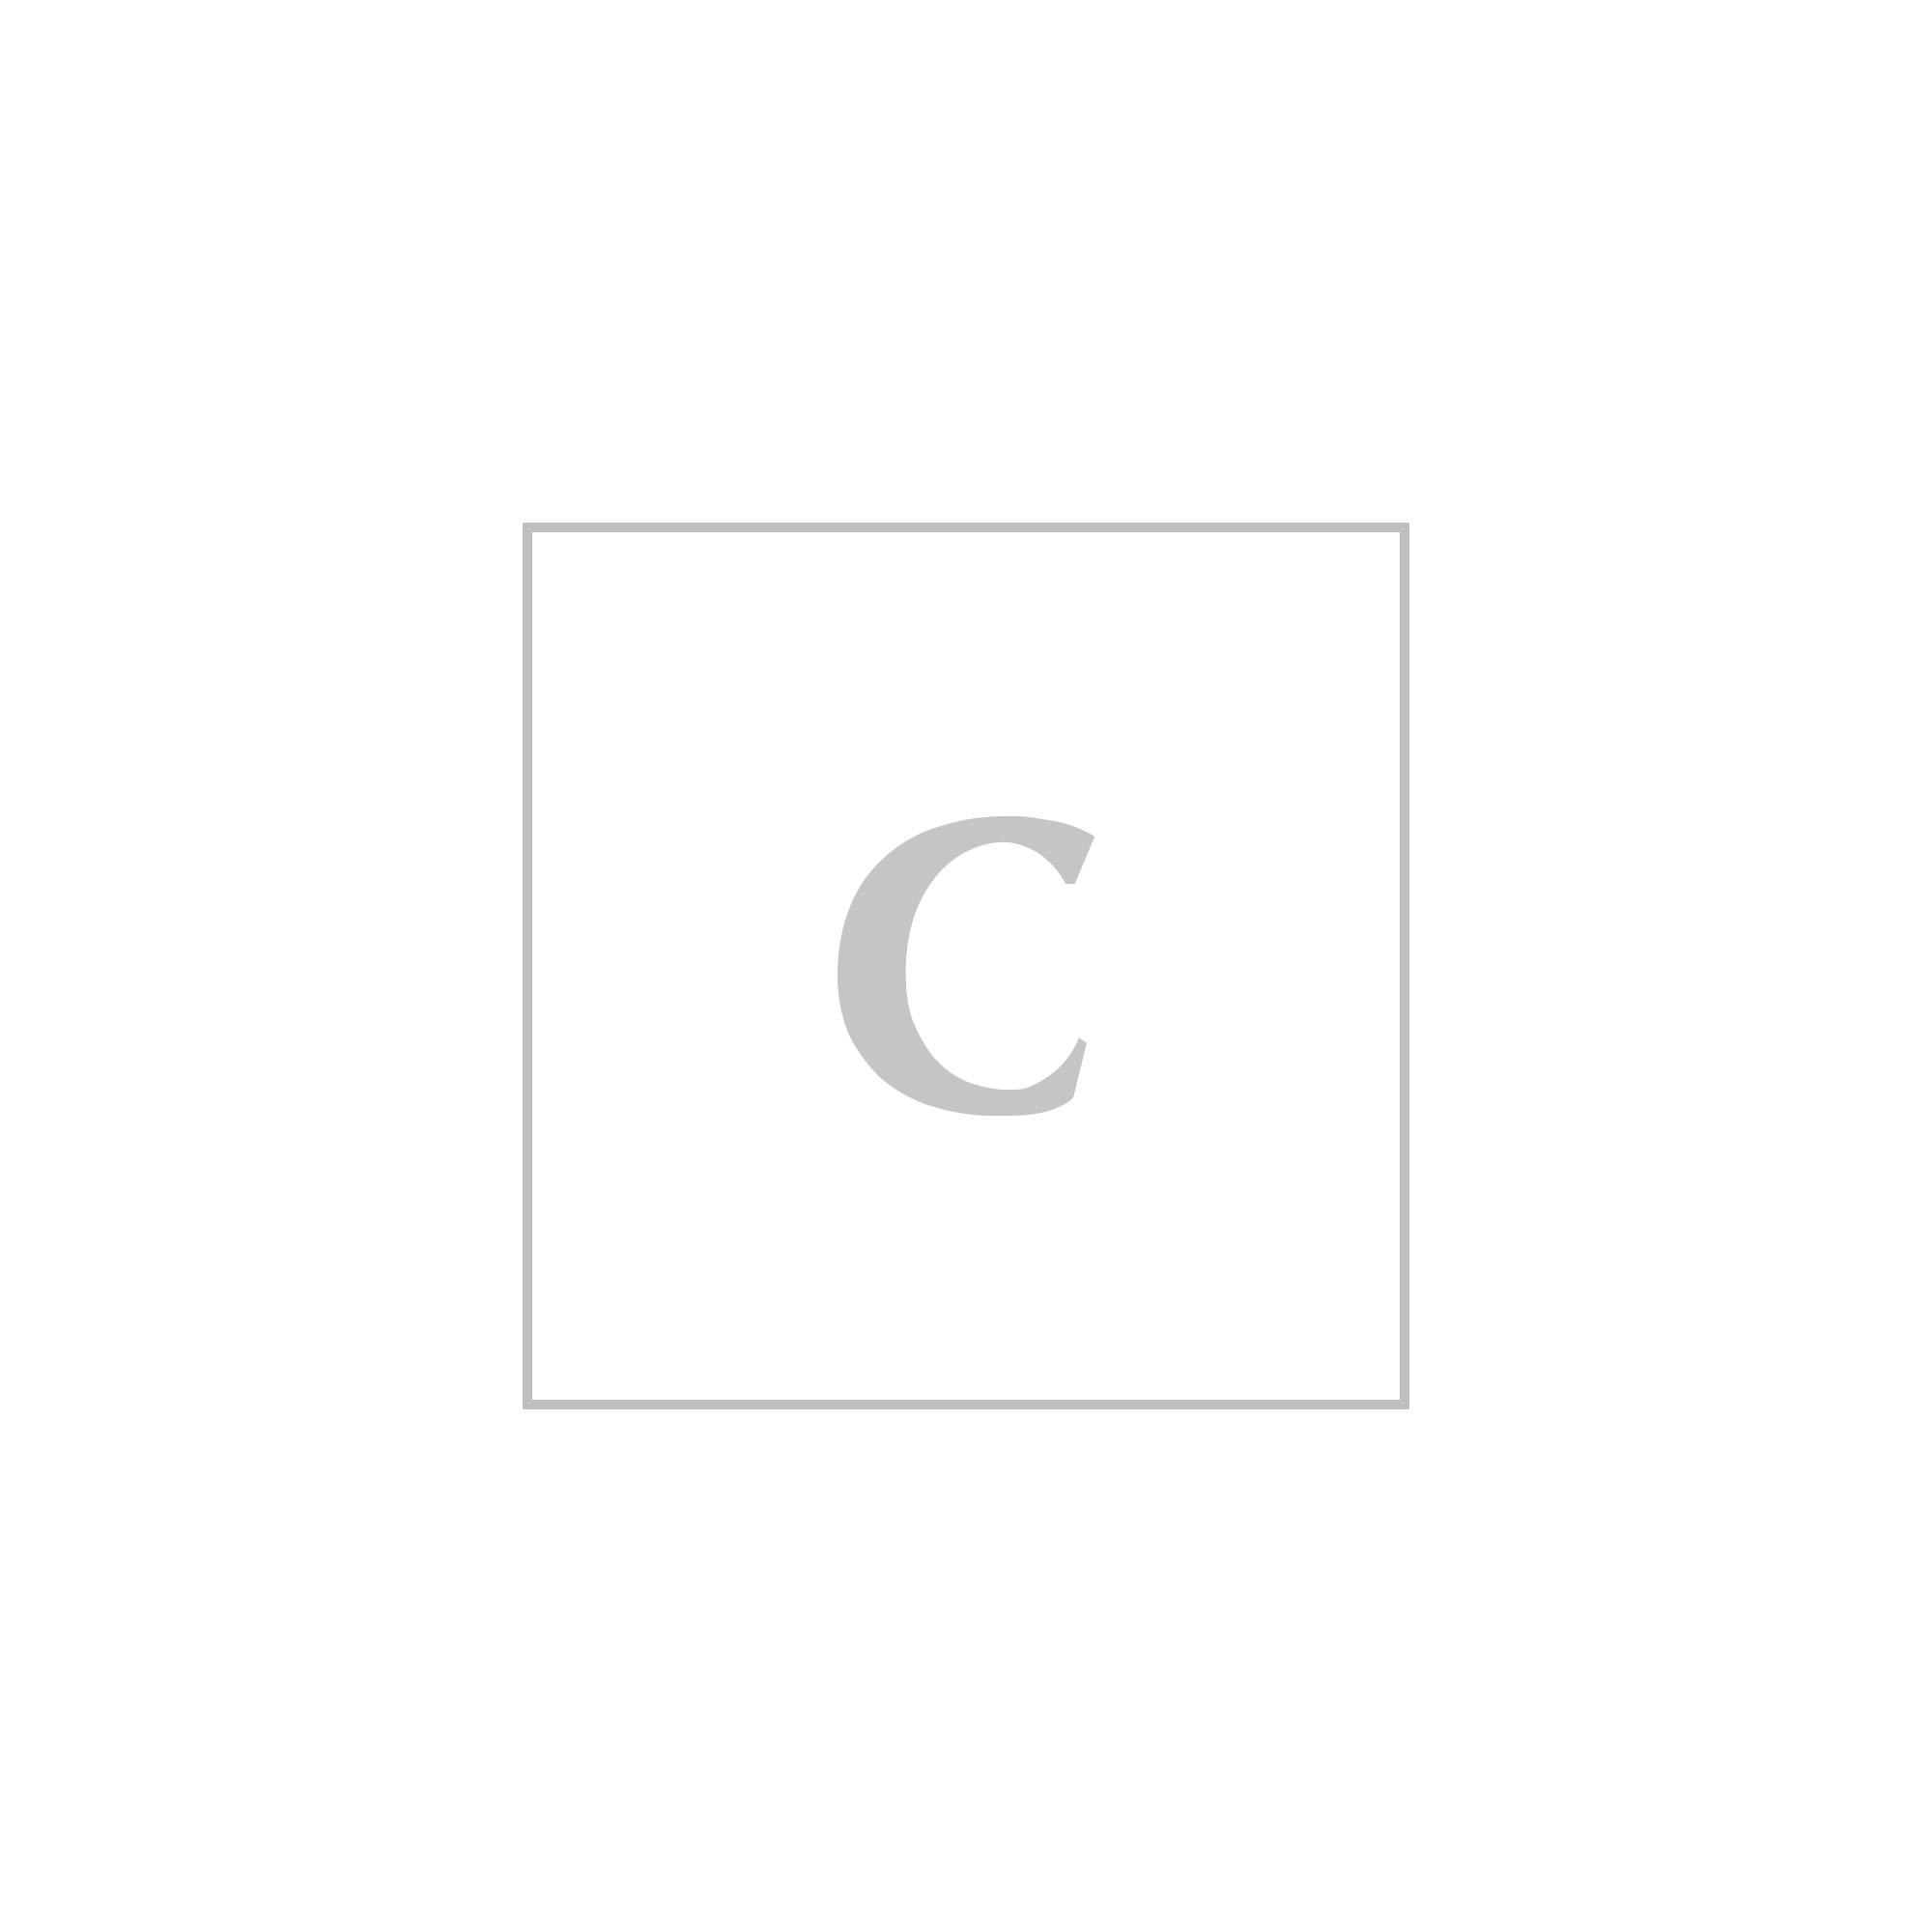 blusa cotone micro check abbigliamento donna